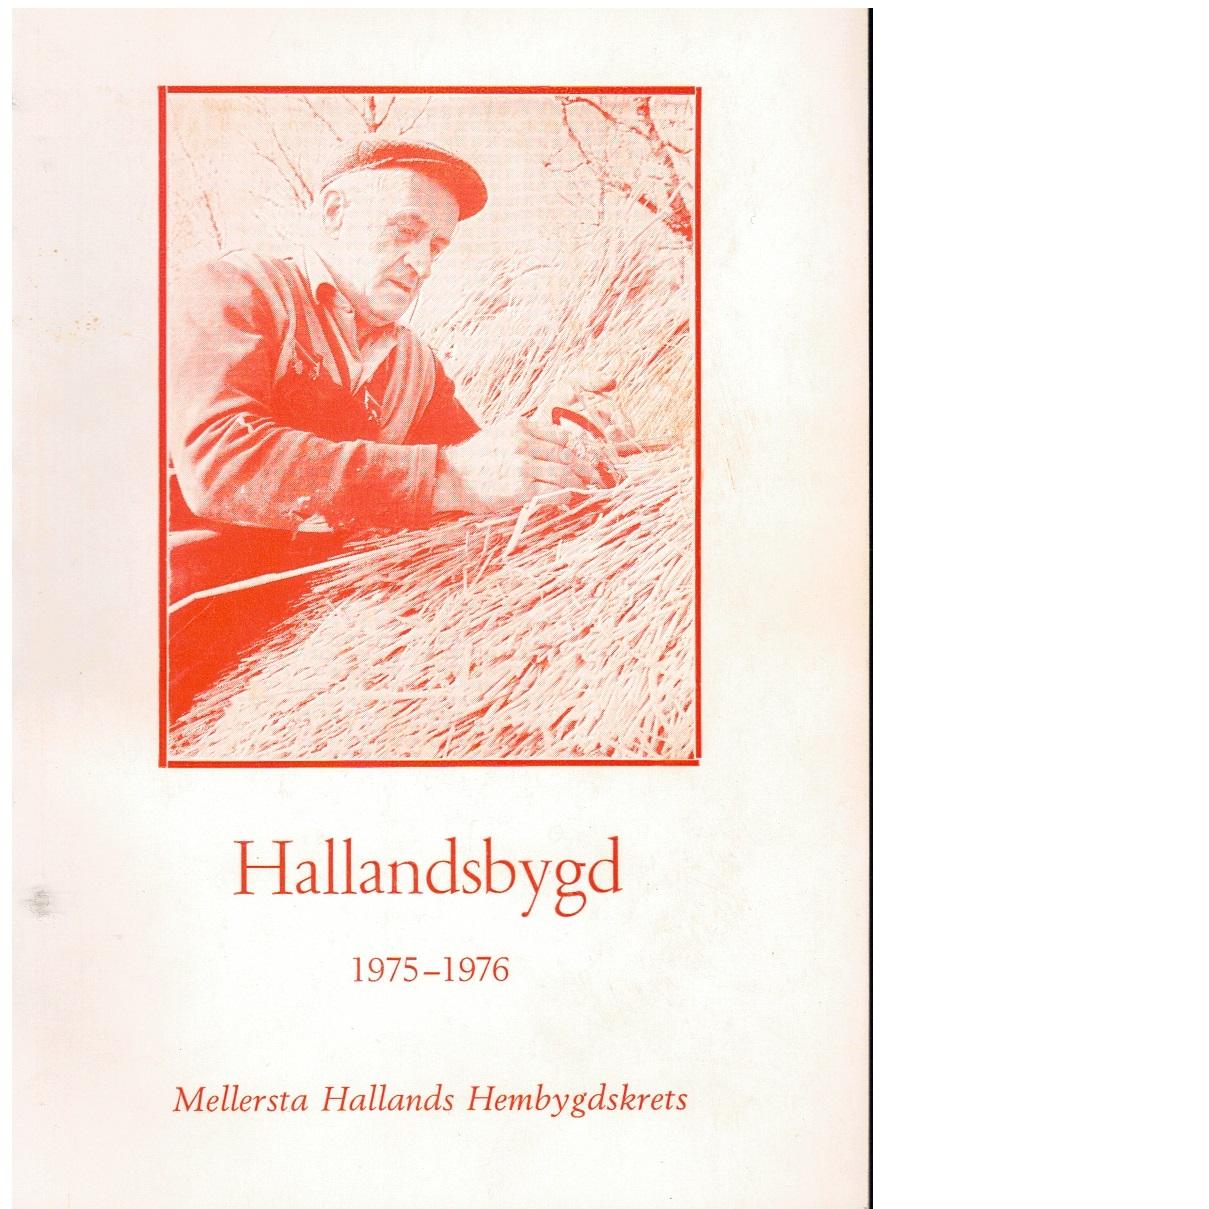 Hallandsbygd 1975-76 - Red.